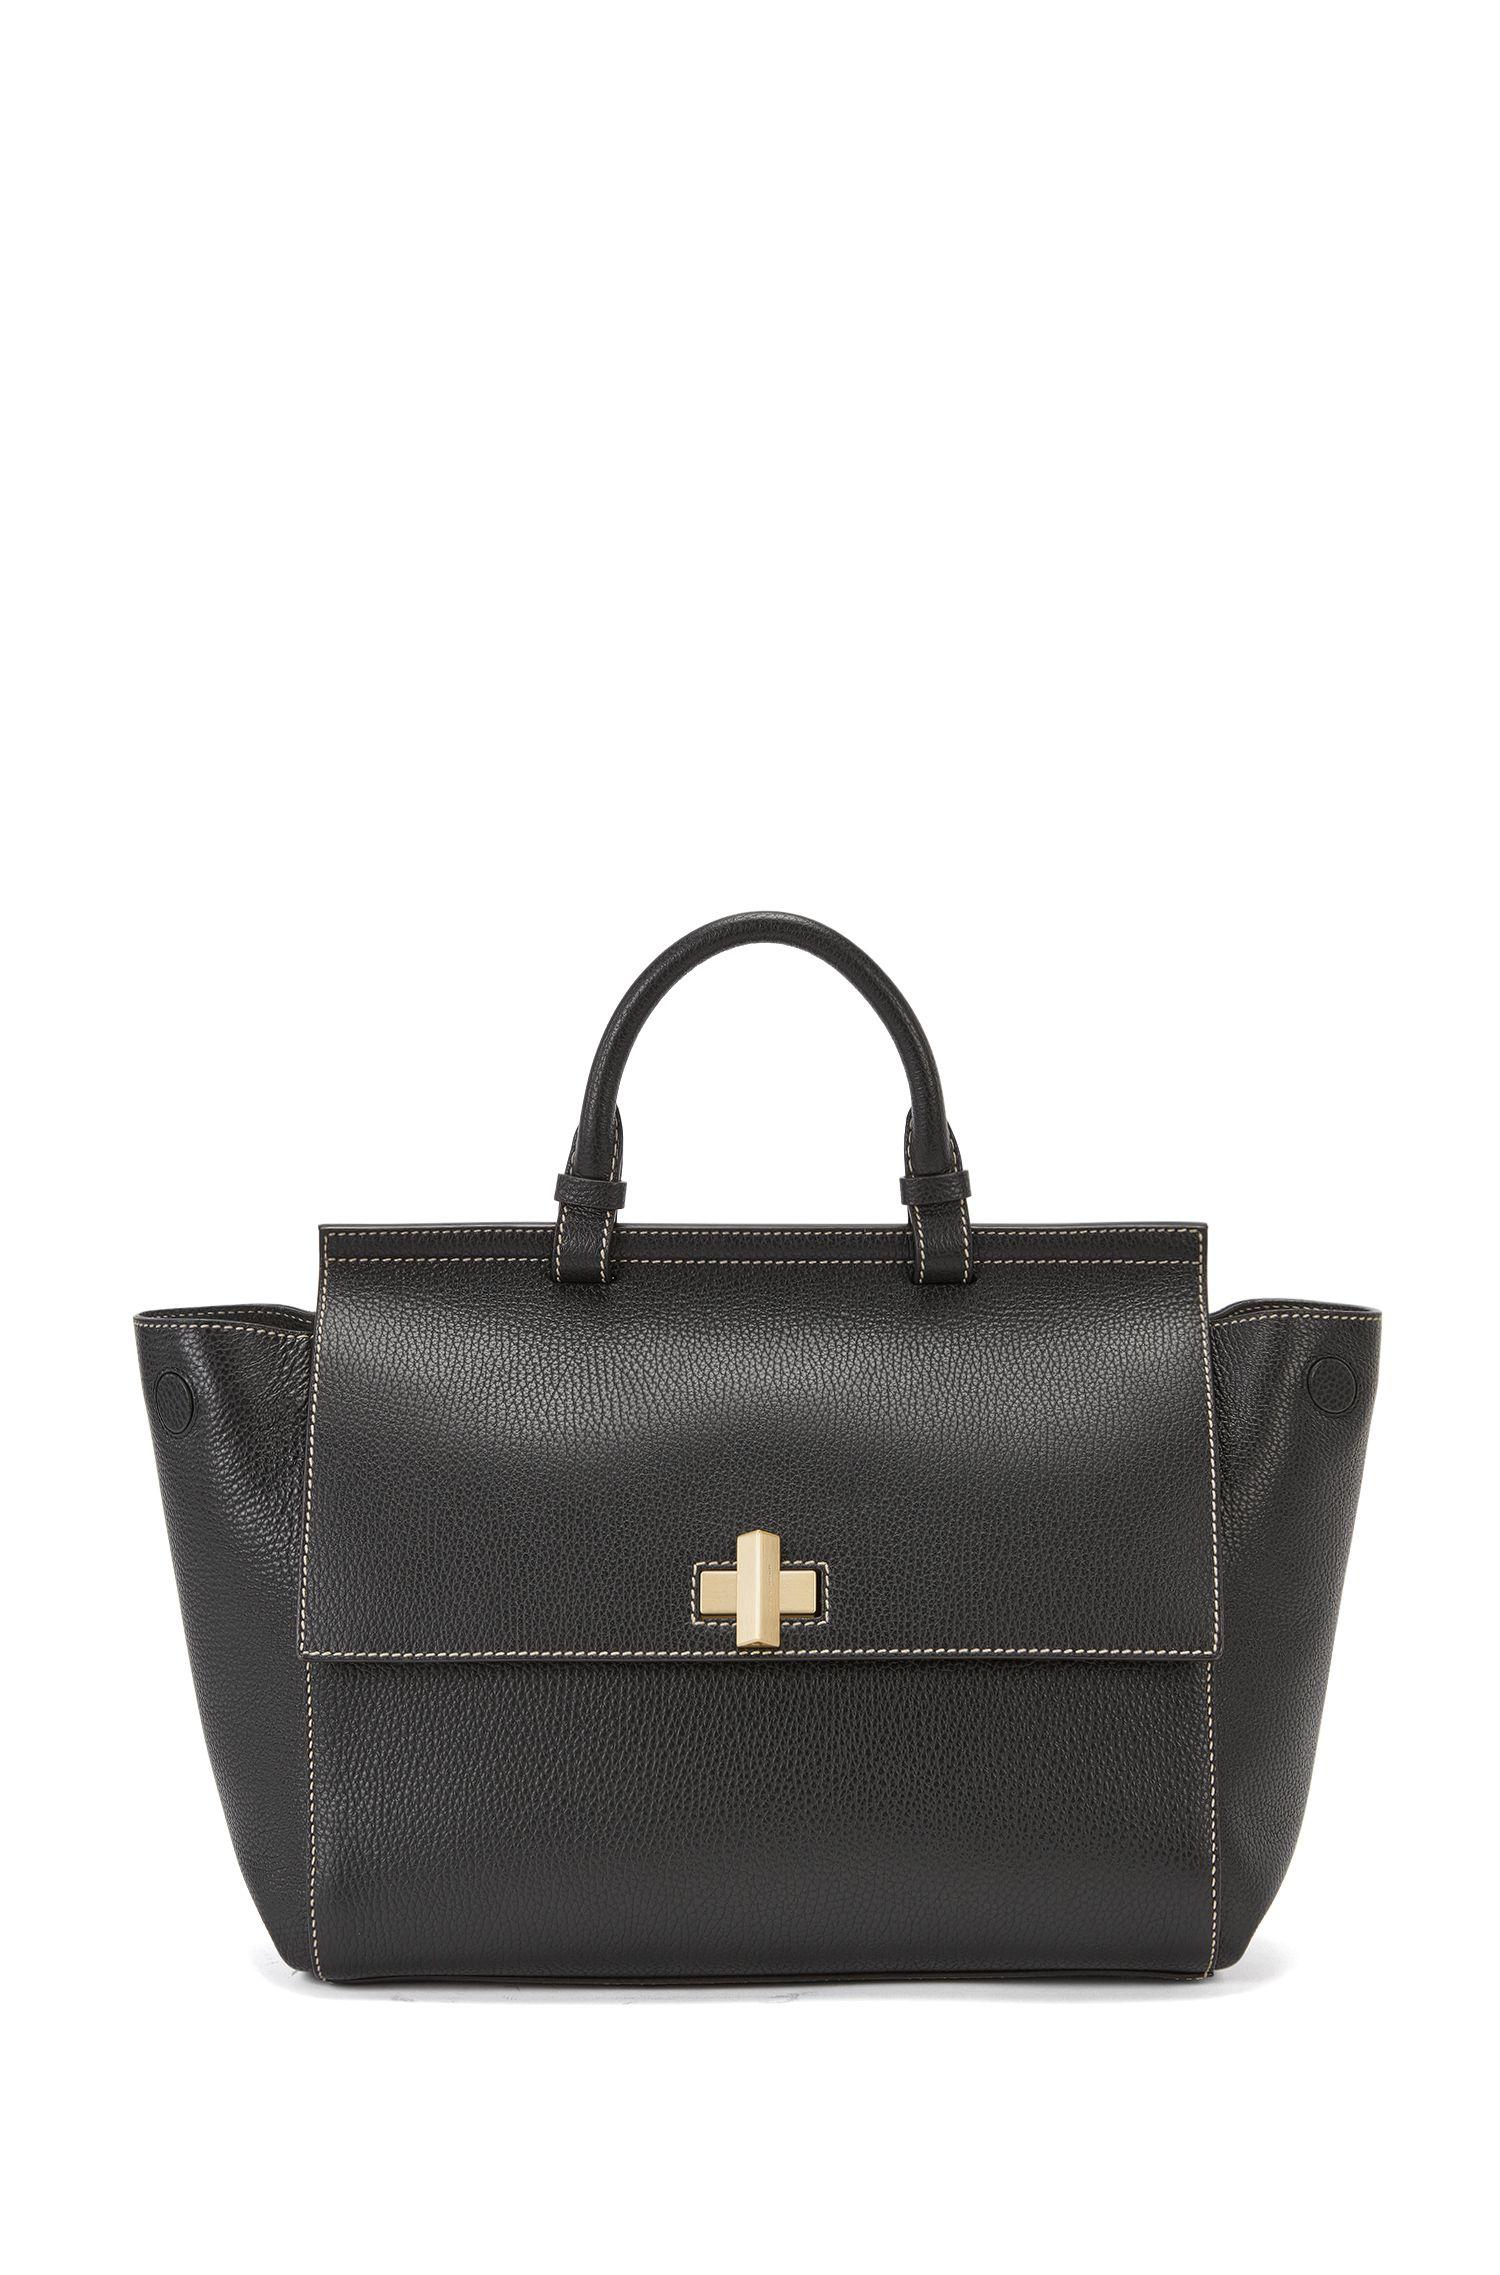 BOSS Bespoke Soft bag with signature cufflink detail